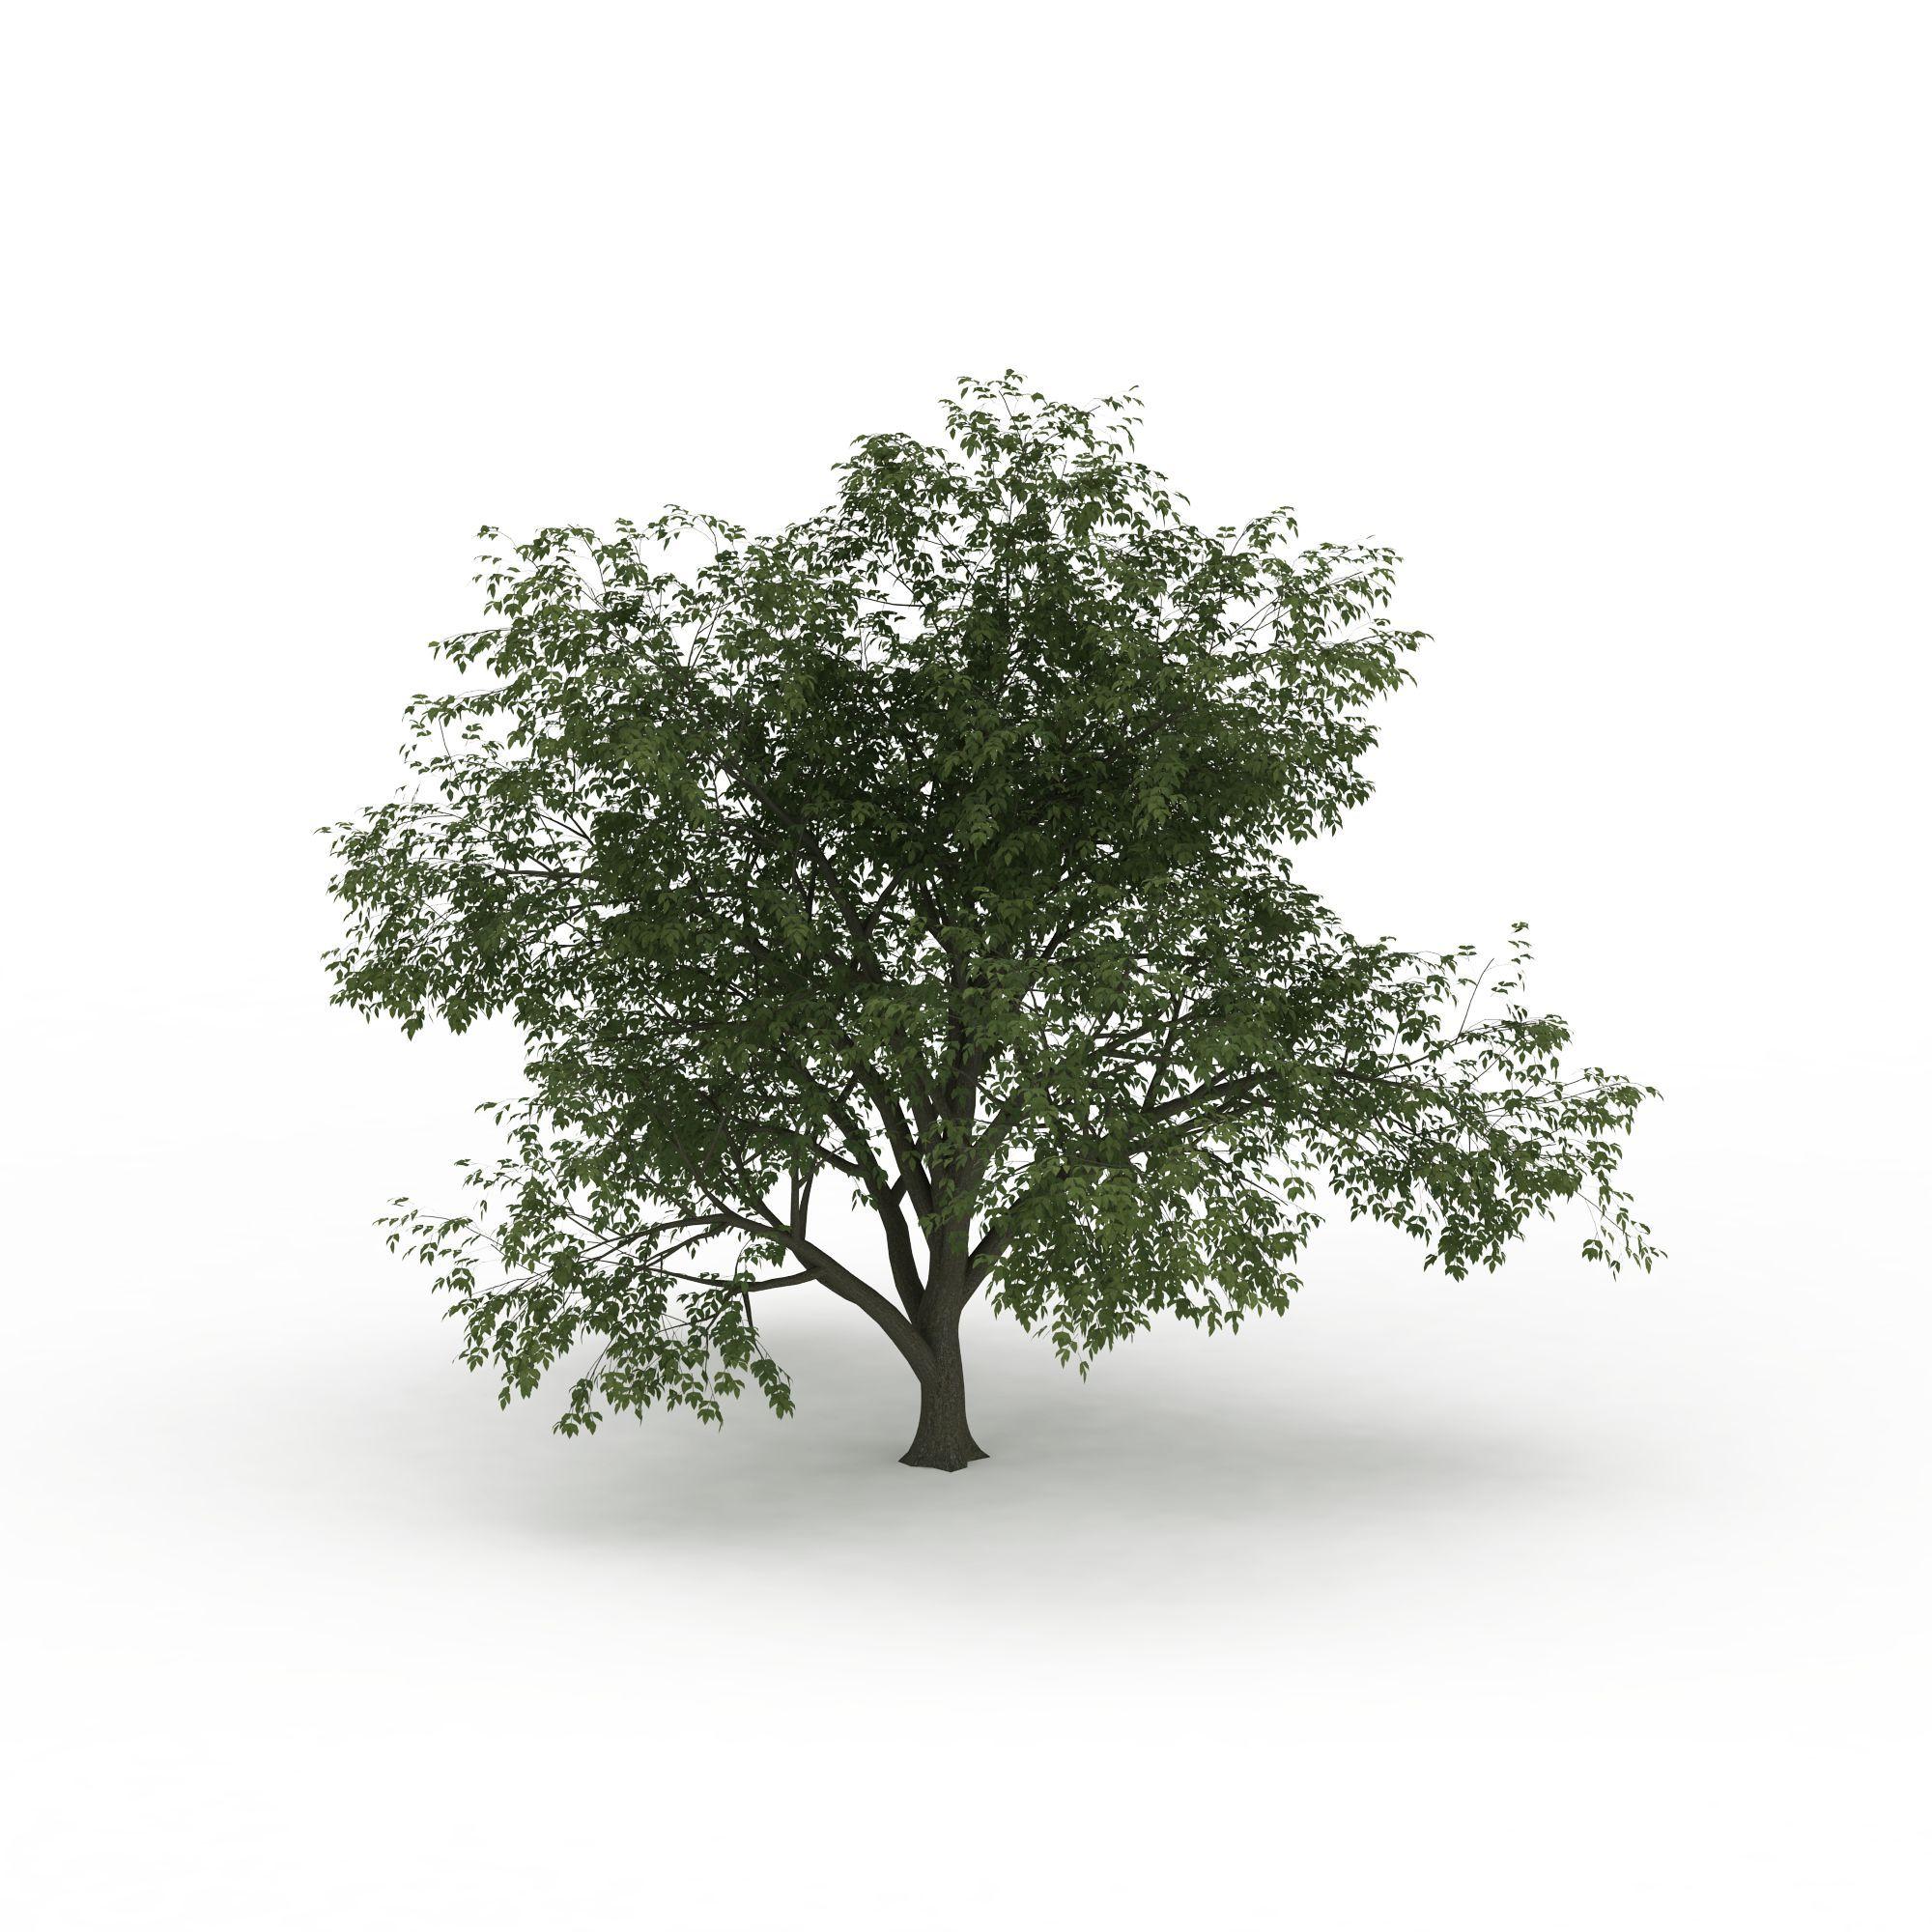 格式 png 风格 现代 上传时间 2016/03/23  关键词:细叶景观树3d模型